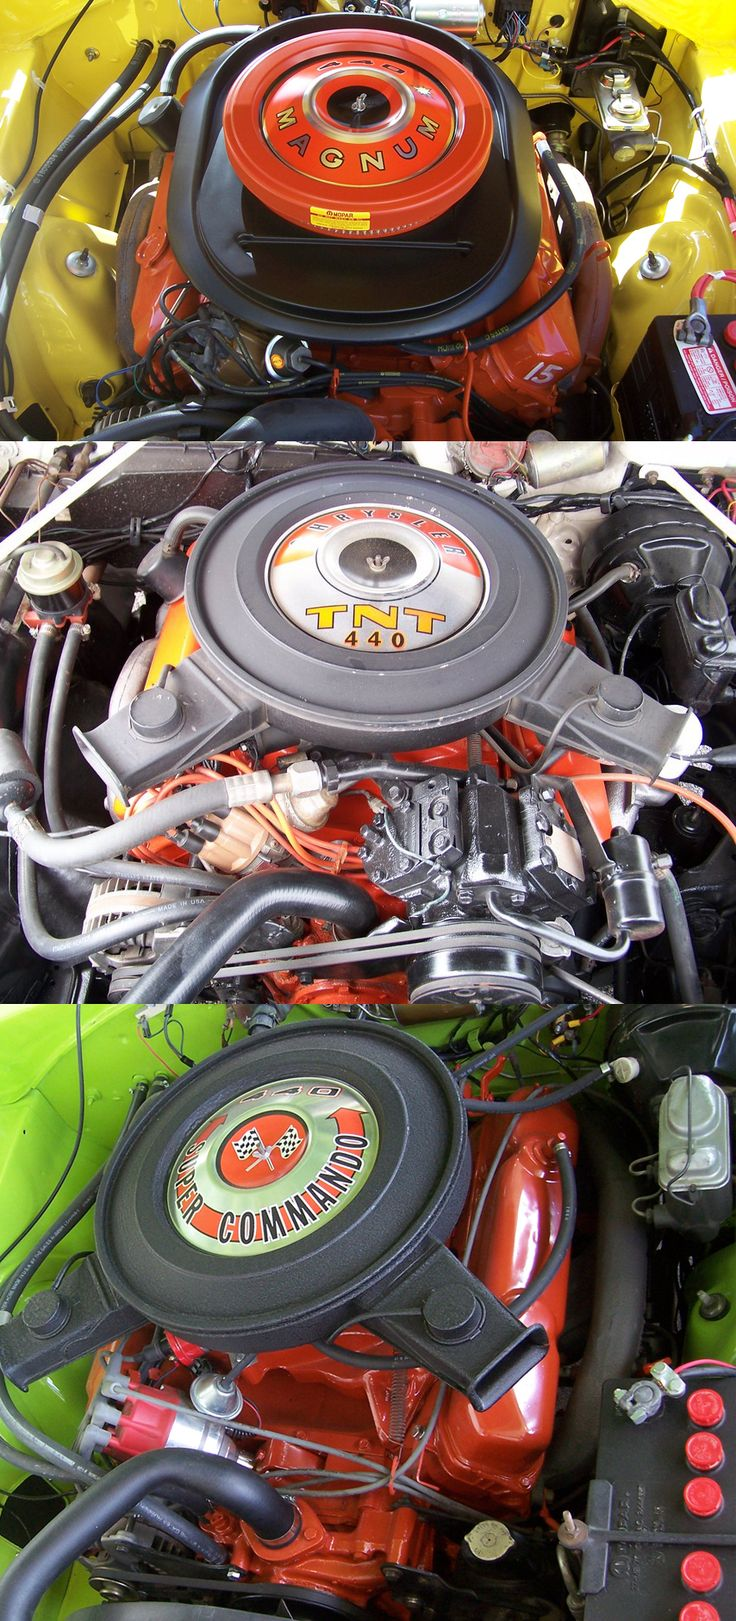 Engine Bio - The #Mopar 440's